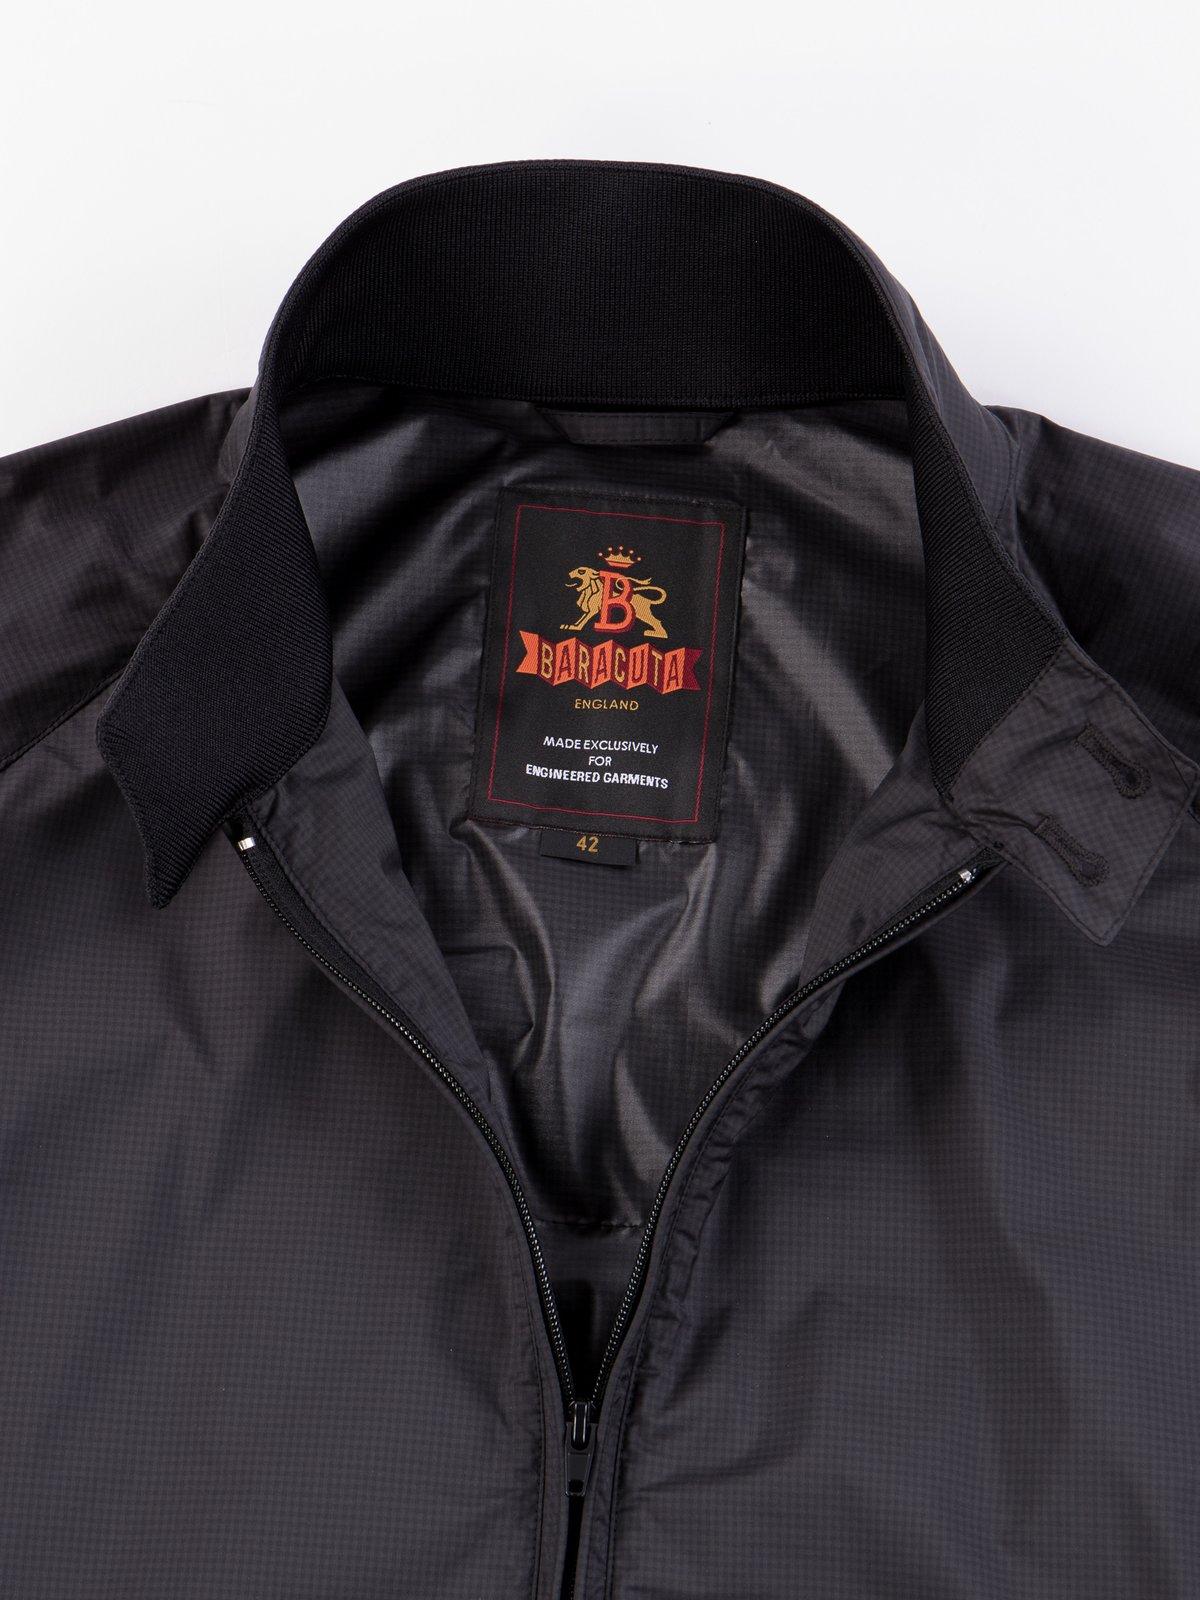 Mini Grey Check G9 EG Jacket - Image 7